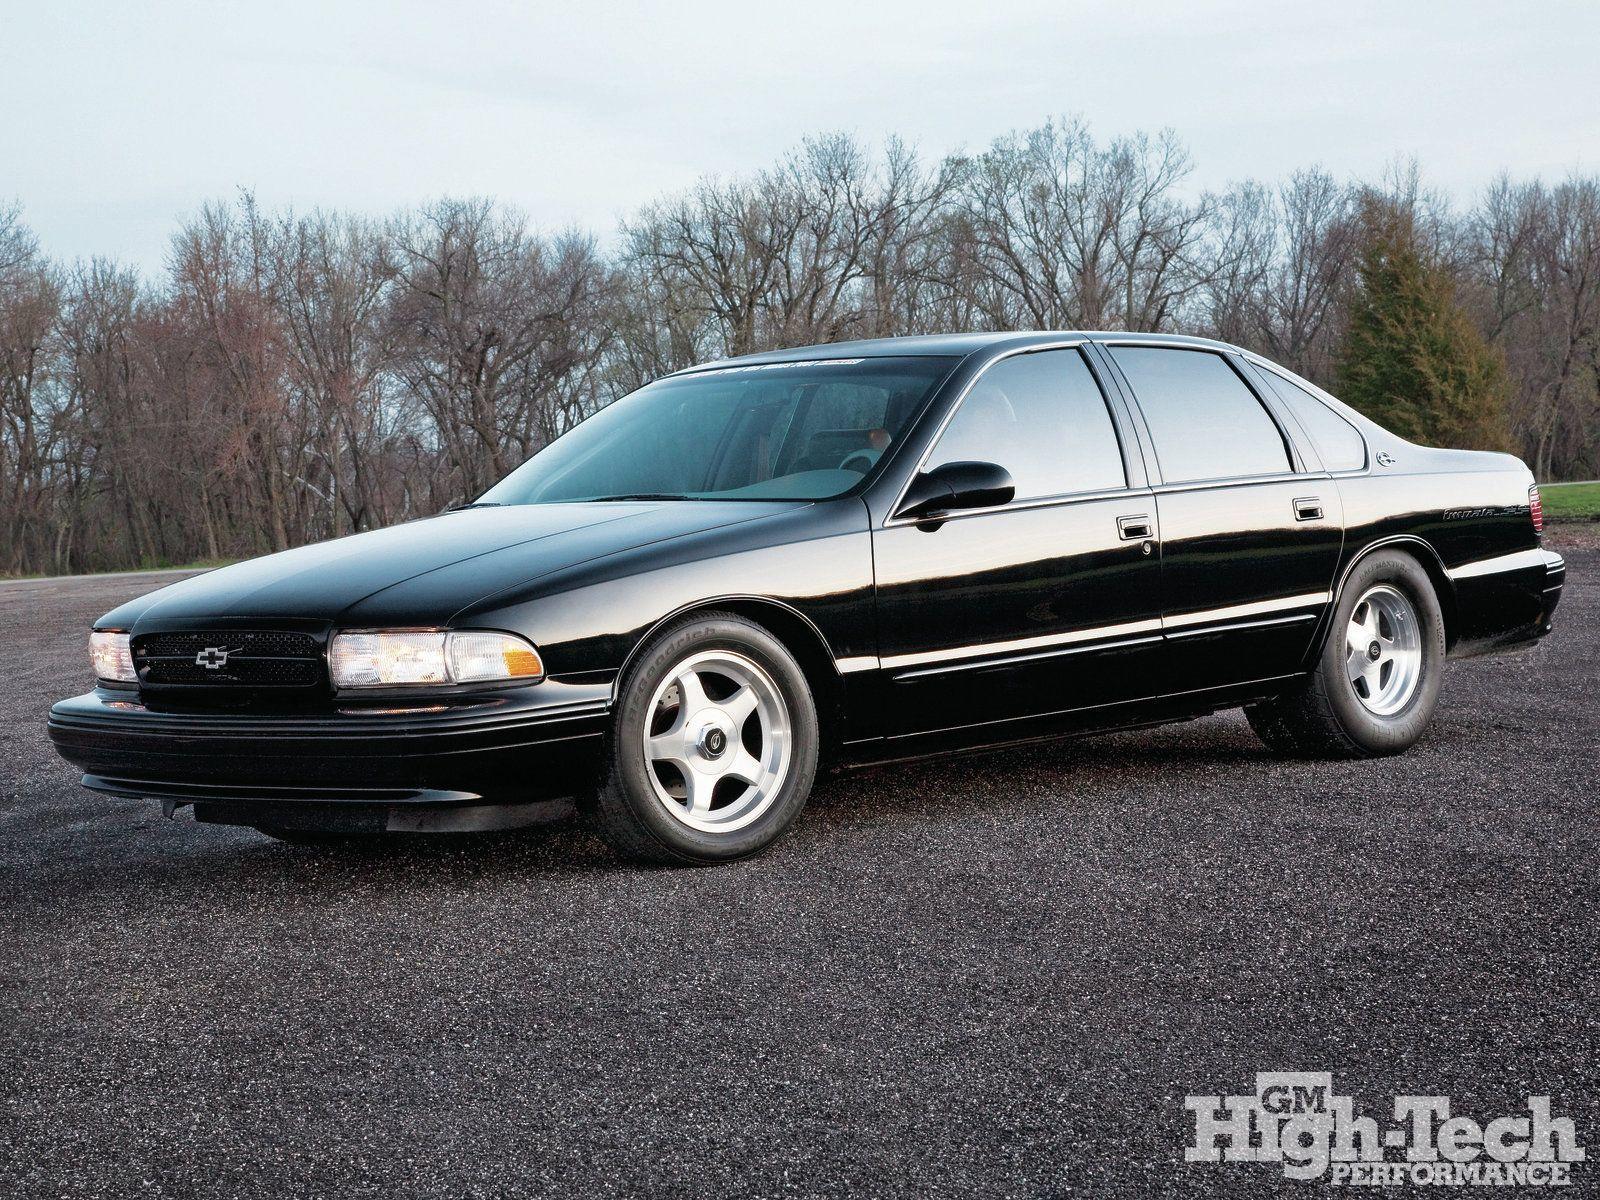 Great 1996 Chevy Impala SS #chevroletimpala1996